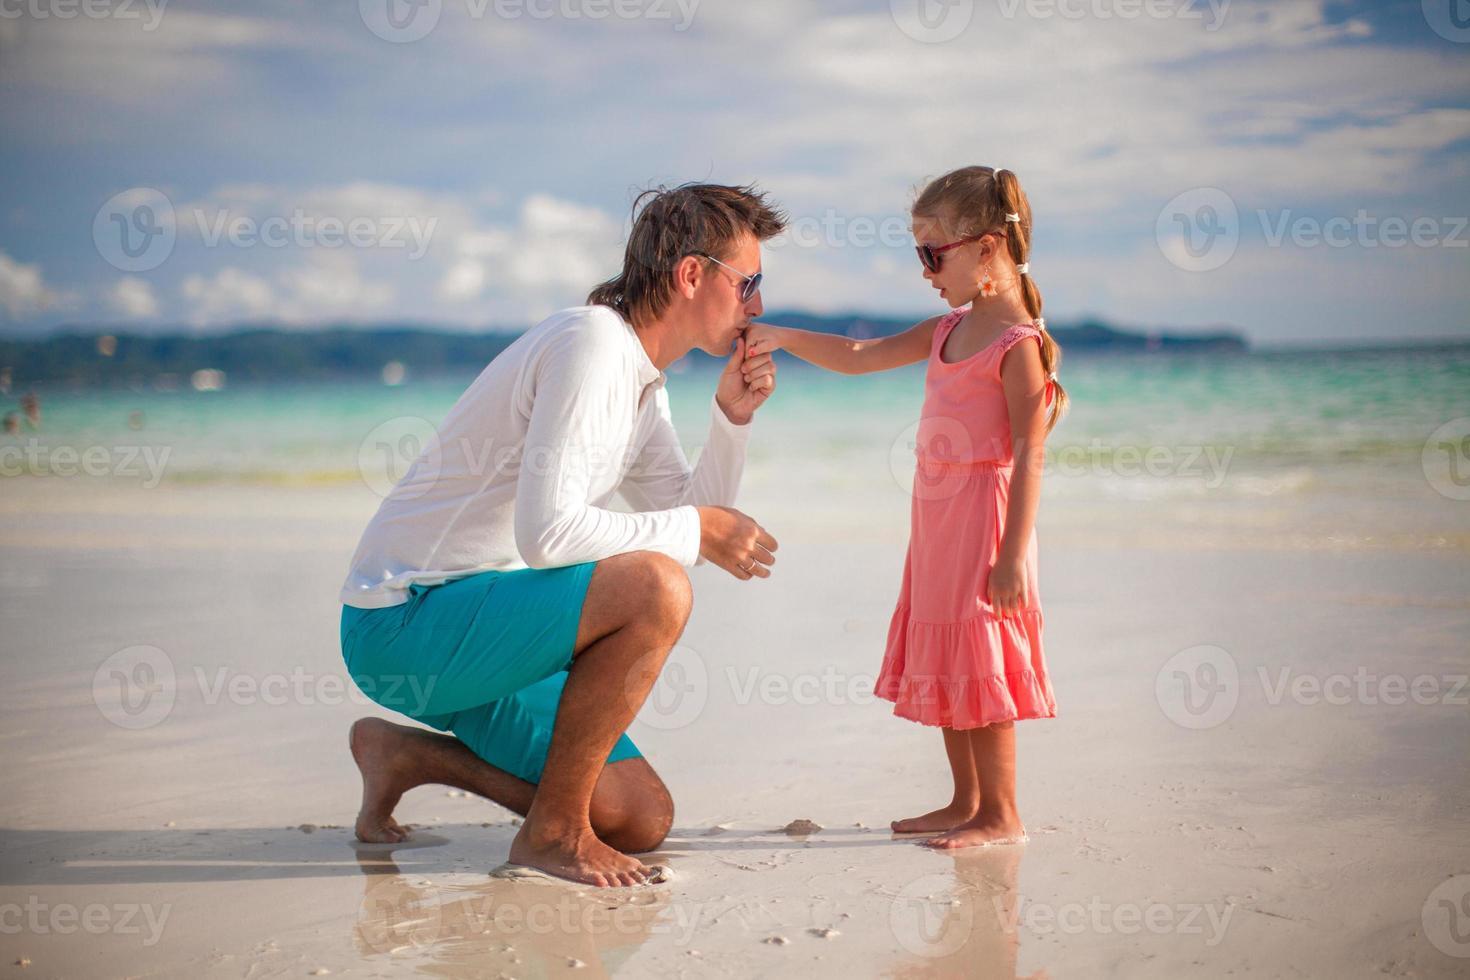 papà che bacia la mano della sua piccola figlia sulla spiaggia esotica foto